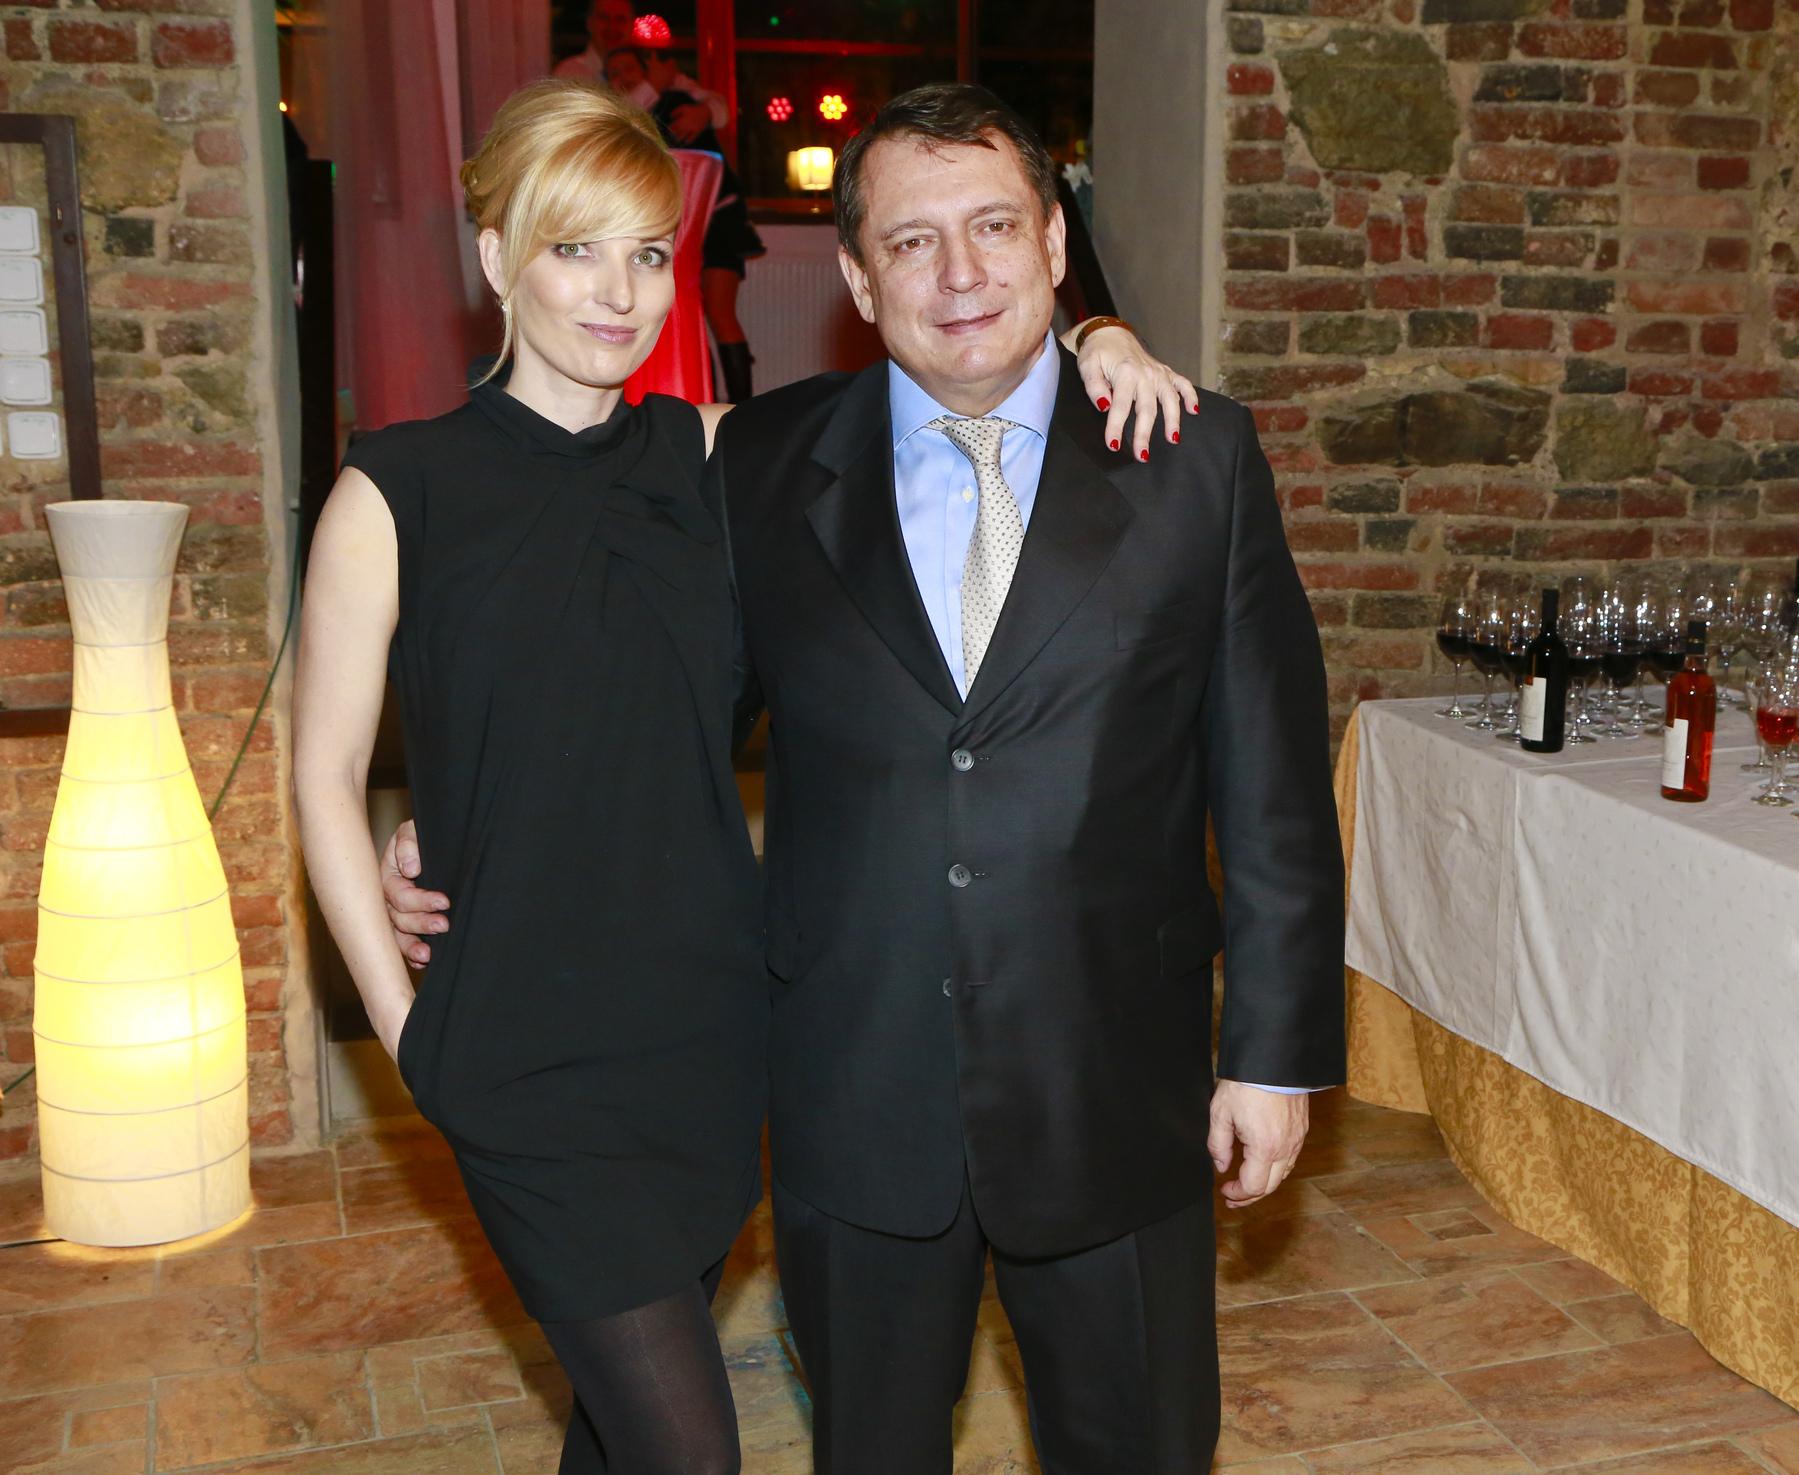 Petra Paroubková se svým manželem Jiřím na archivním snímku z roku 2014.